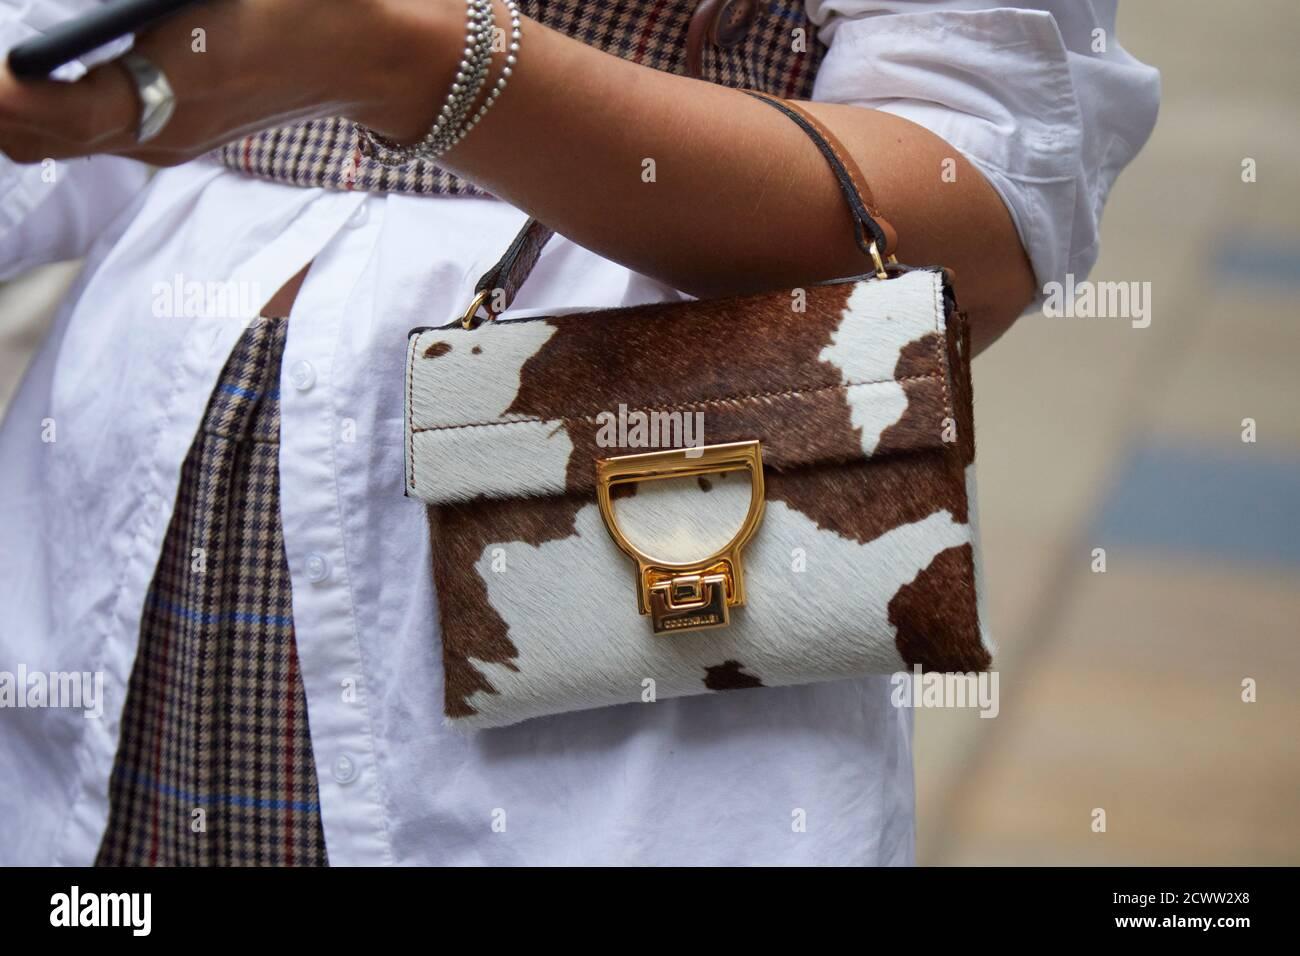 MILAN, ITALIE - 24 SEPTEMBRE 2020: Femme avec sac Coccinelle en fourrure marron et blanche avant le spectacle de mode Max Mara, Milan Fashion week Street style Banque D'Images